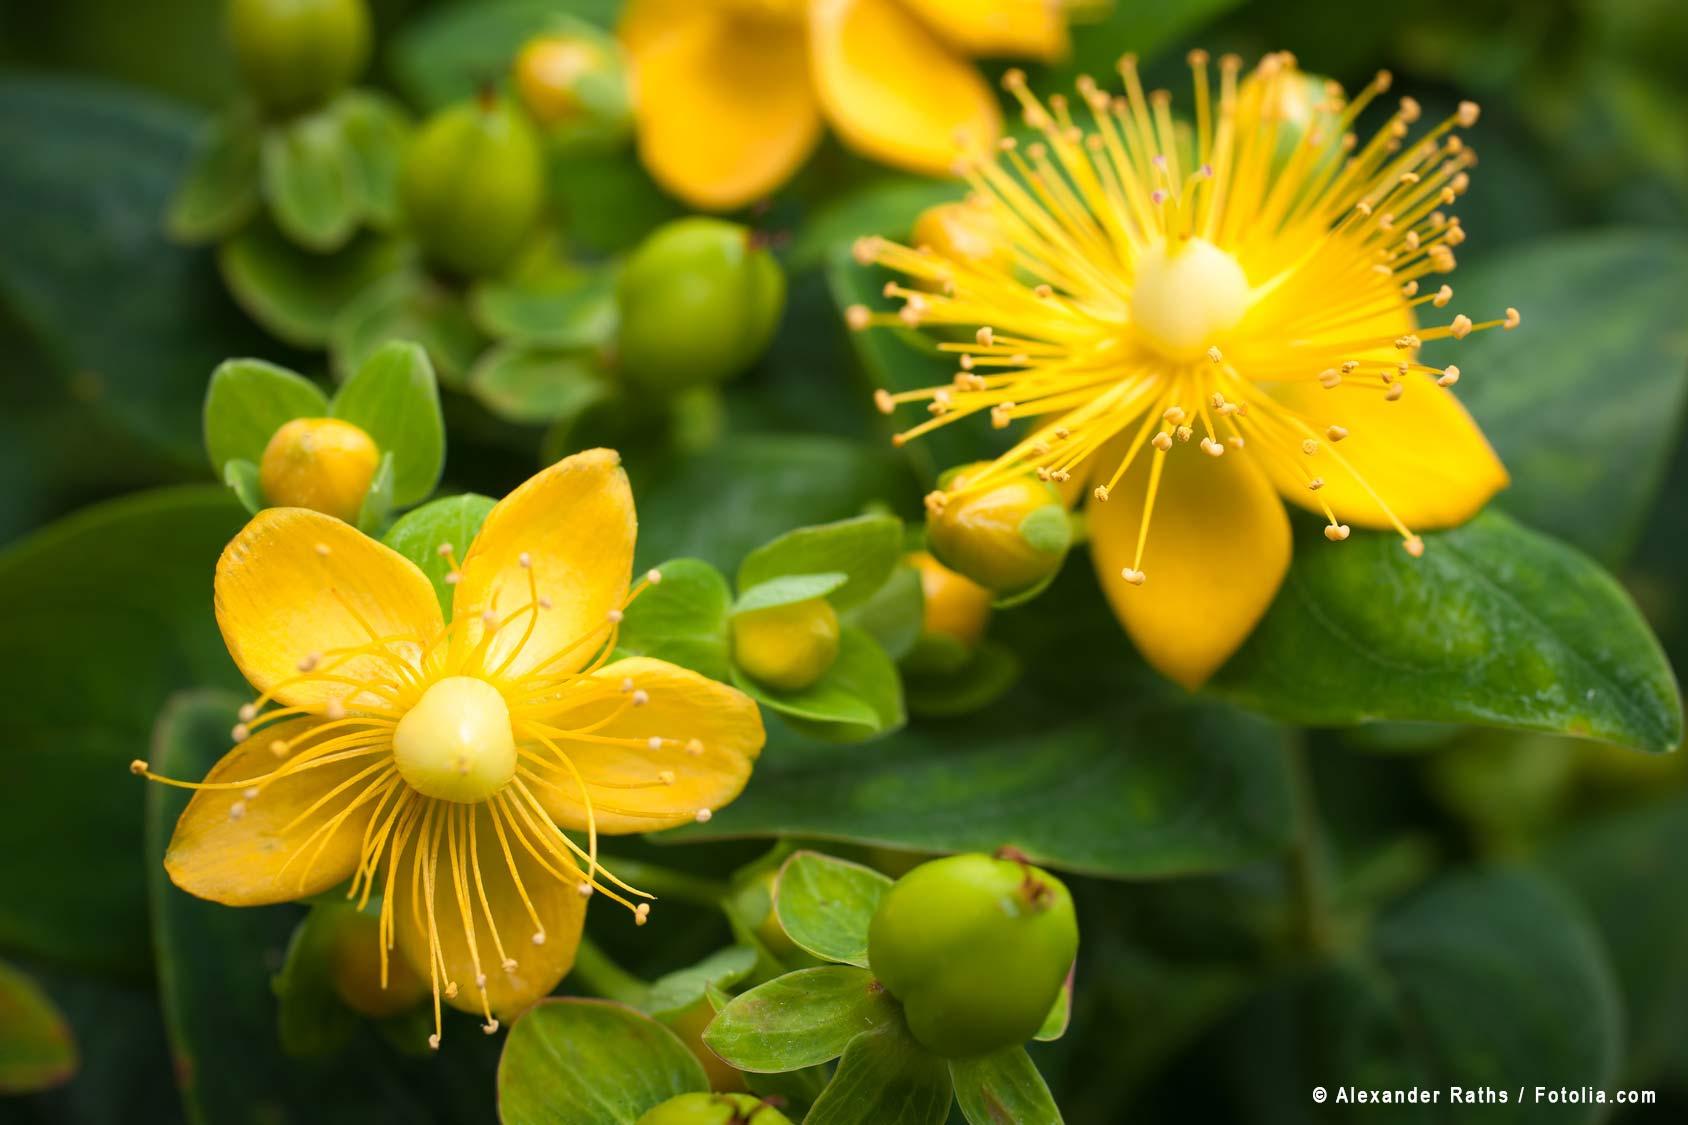 Johanniskraut wirkt anti-depressiv, krampflösend, desinfizierend. Bildnachweis: © Alexander Raths / Fotolia.com